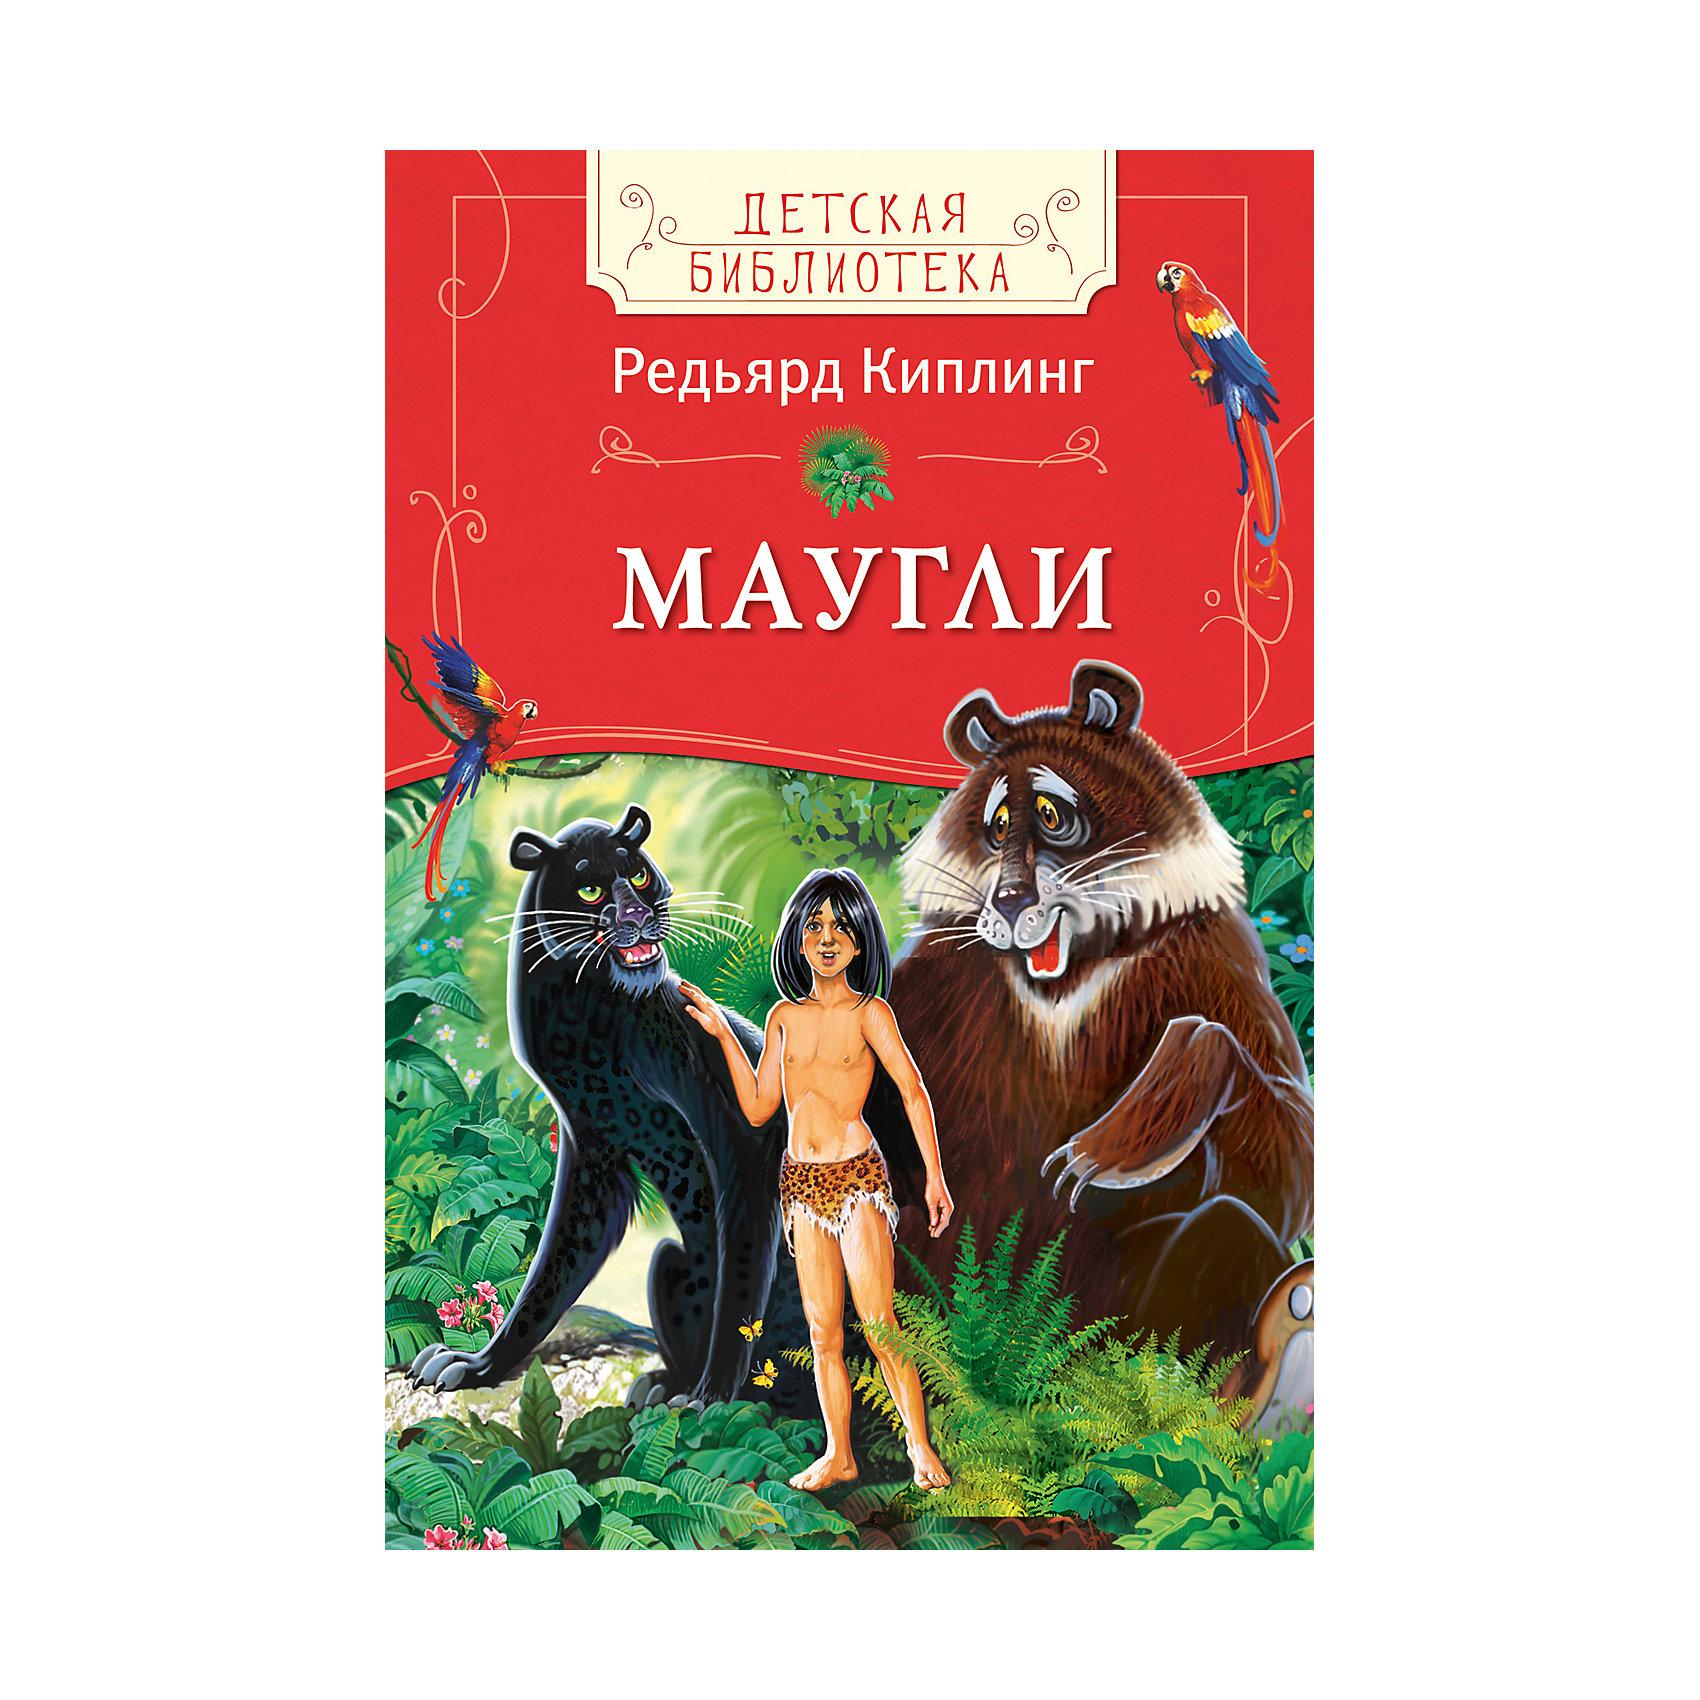 Книжка МауглиРосмэн<br>В этой книге вы сможете прочитать краткий пересказ историй о мальчике Маугли - персонаже знаменитой Книги джунглей Редьярда Киплинга: о его детстве, о борьбе с коварным тигром Шер-Ханом, о дружбе со старым медведем Балу, удавом Каа и черной пантерой Багирой.<br><br>Ширина мм: 224<br>Глубина мм: 142<br>Высота мм: 70<br>Вес г: 152<br>Возраст от месяцев: 36<br>Возраст до месяцев: 2147483647<br>Пол: Унисекс<br>Возраст: Детский<br>SKU: 5453576